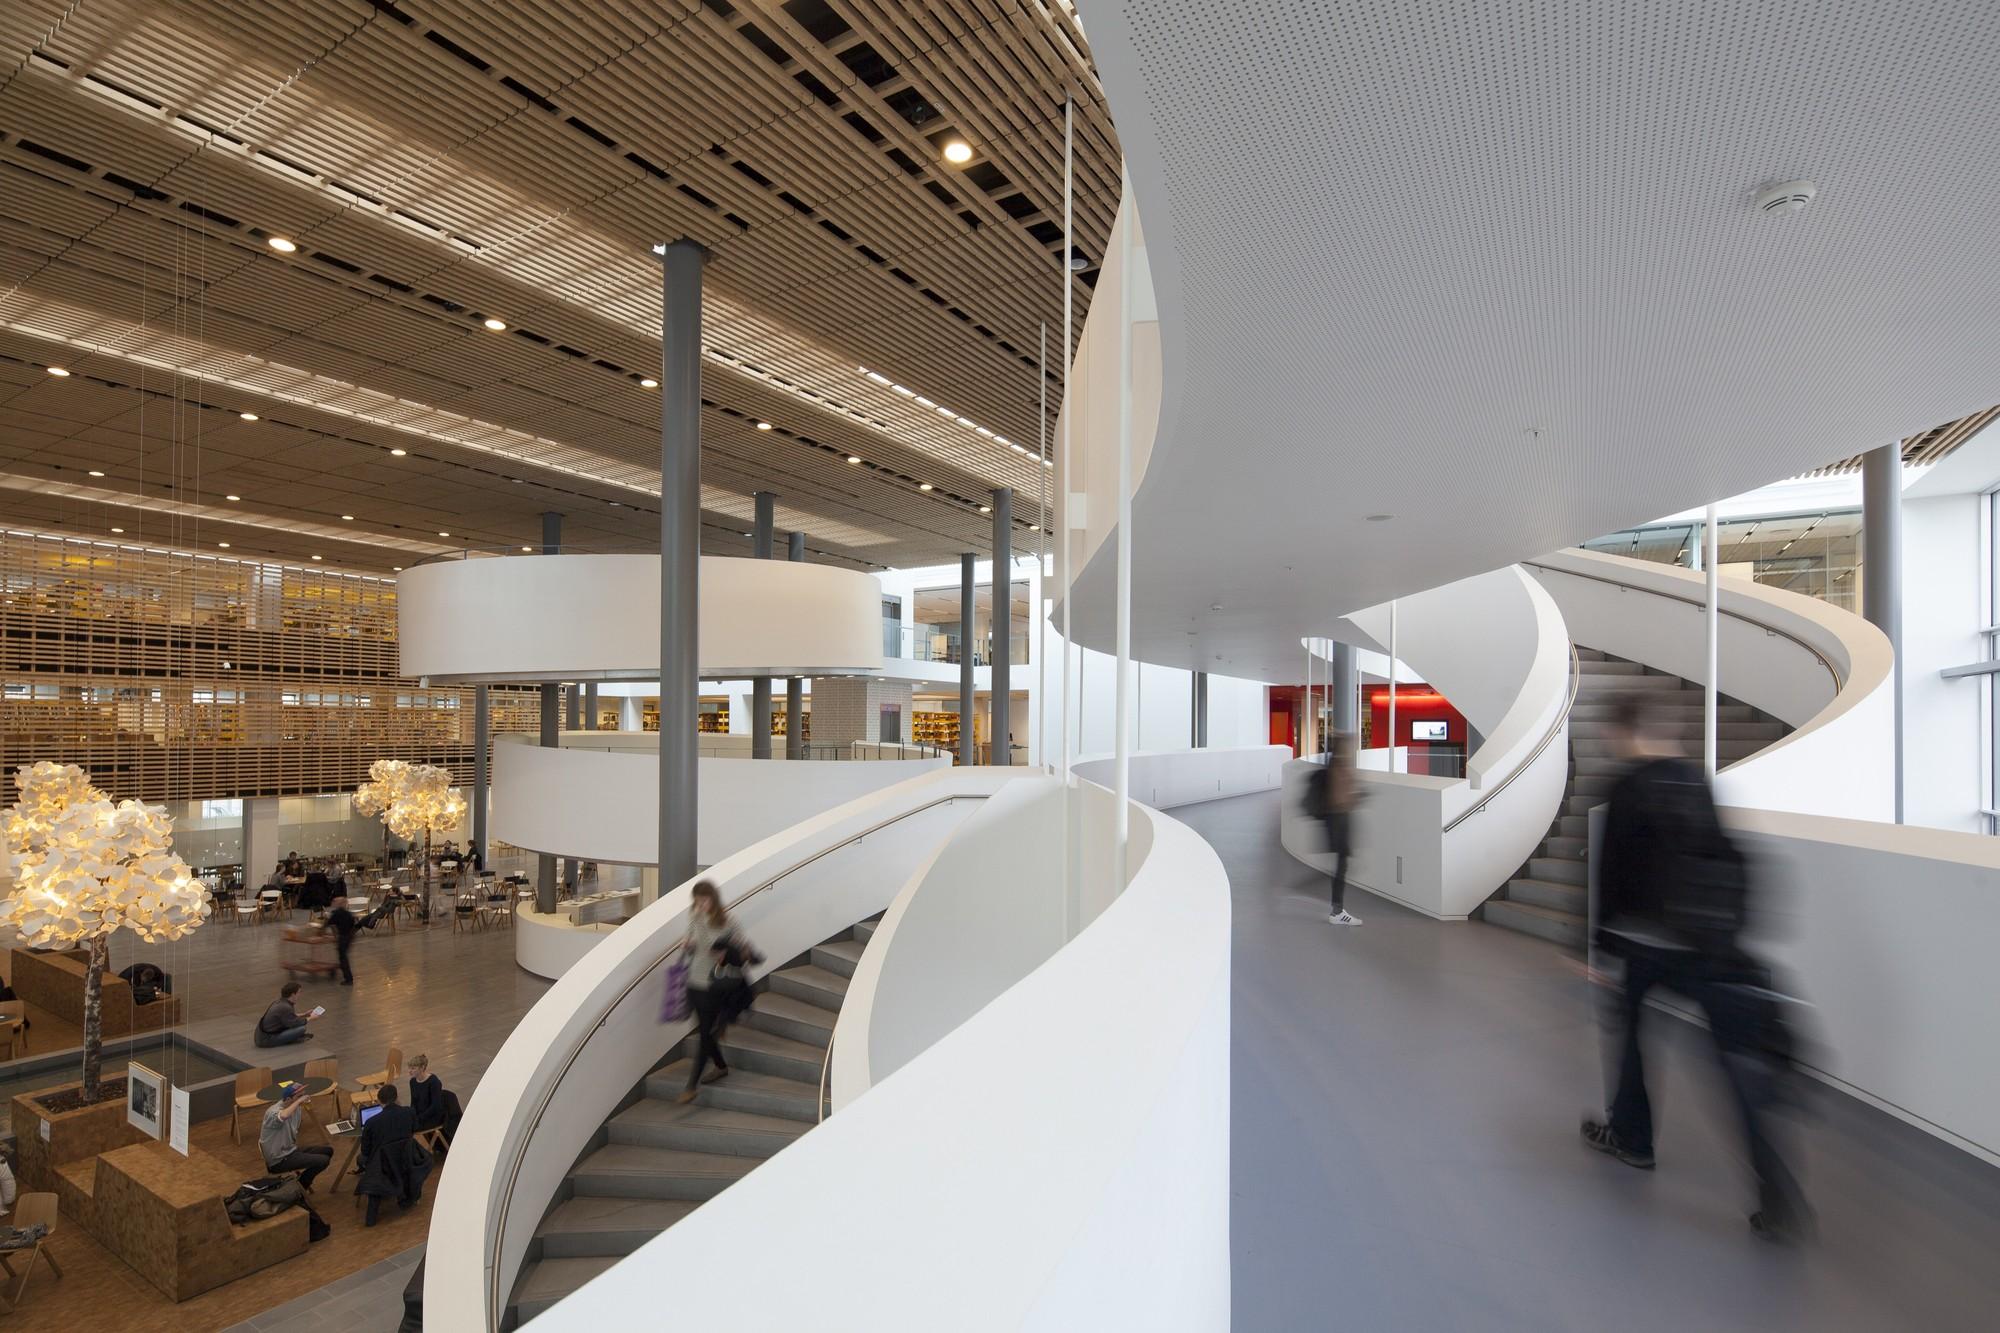 KUA2 – University of Copenhagen / Arkitema Architects, Courtesy of Arkitema Architects